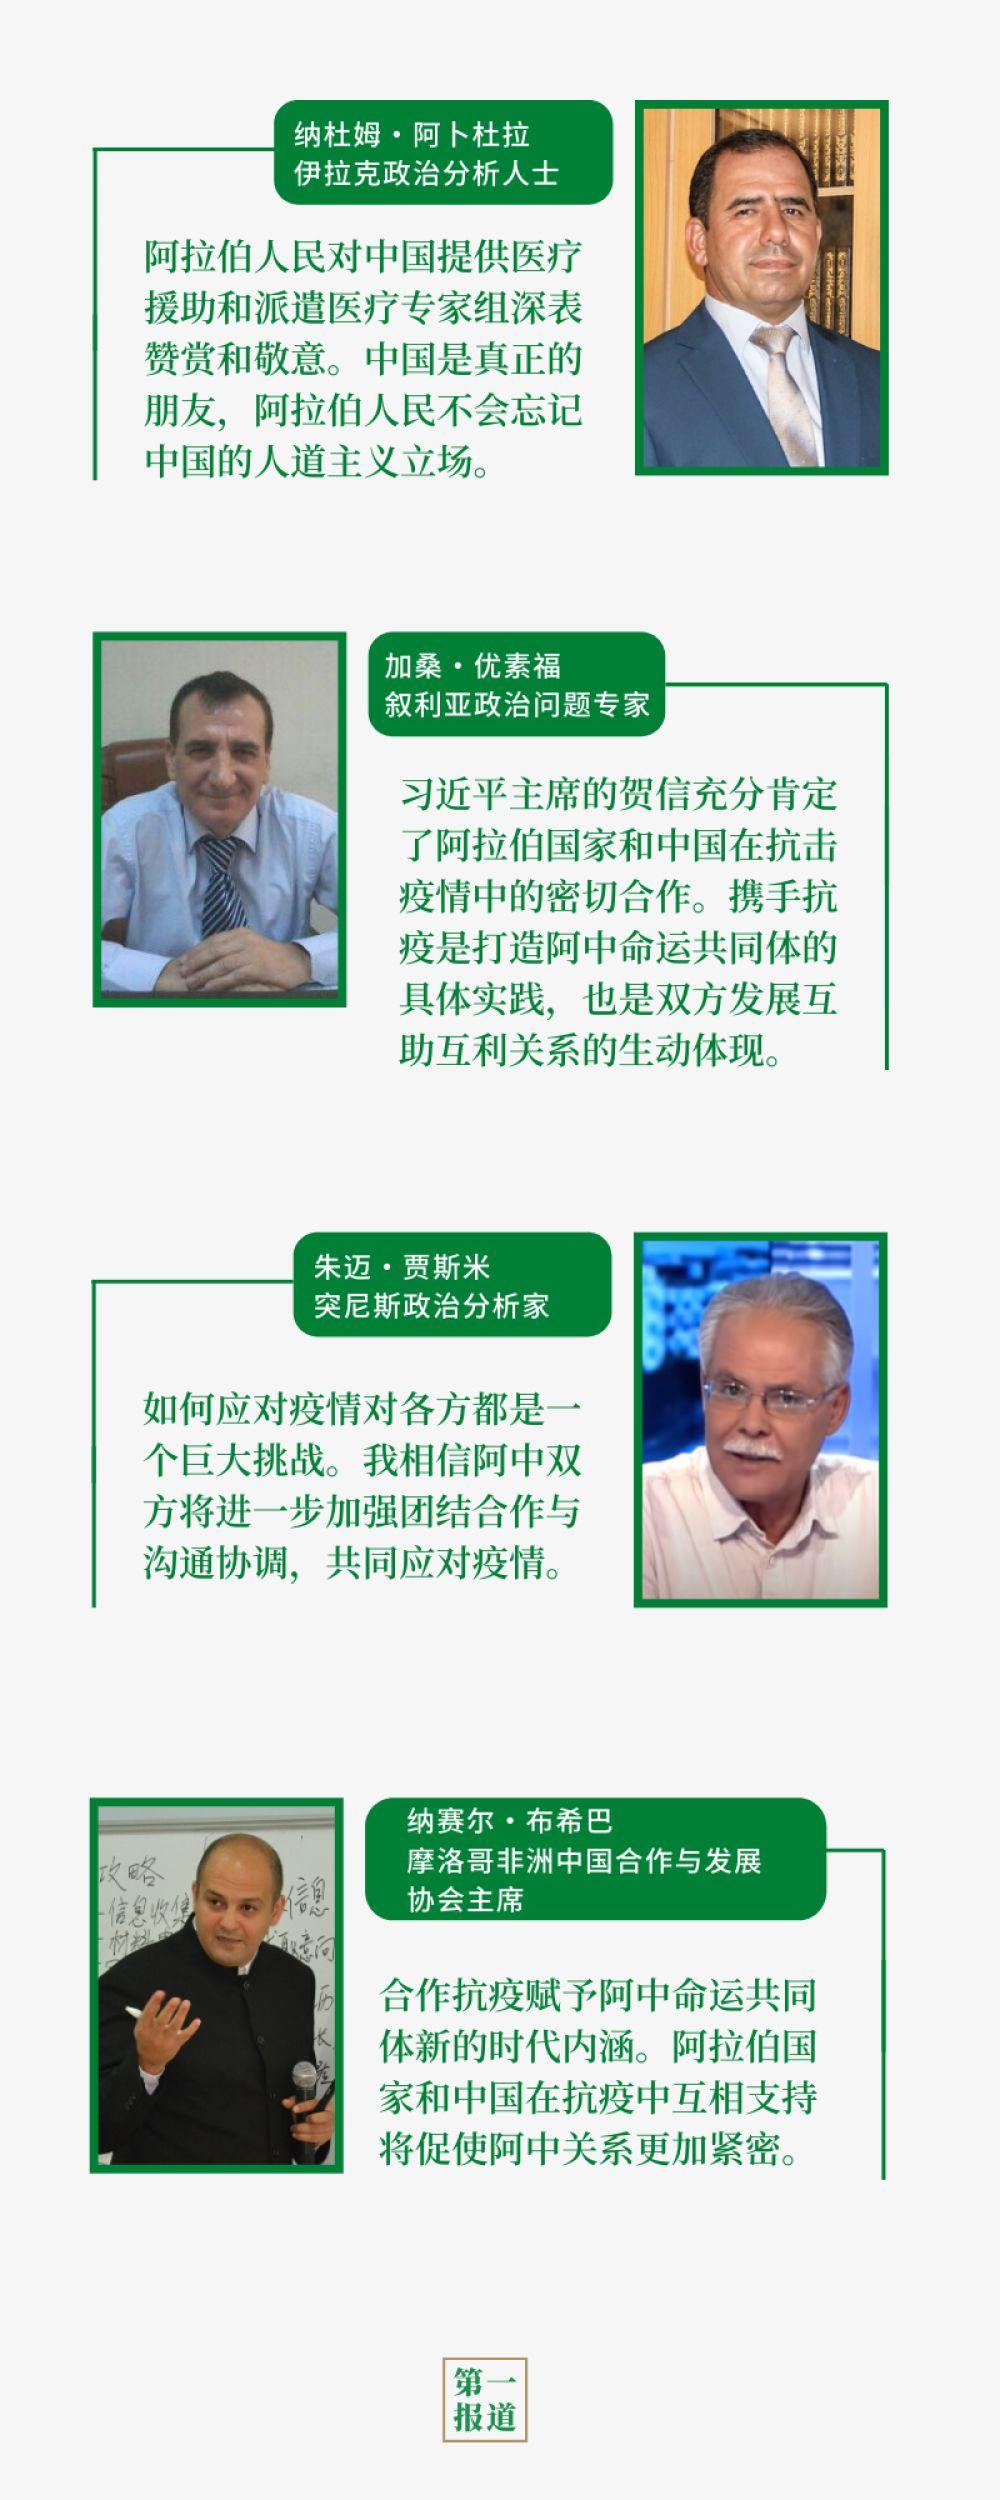 第一报道 | 两周两封贺信,习主席亲自推动中阿合作